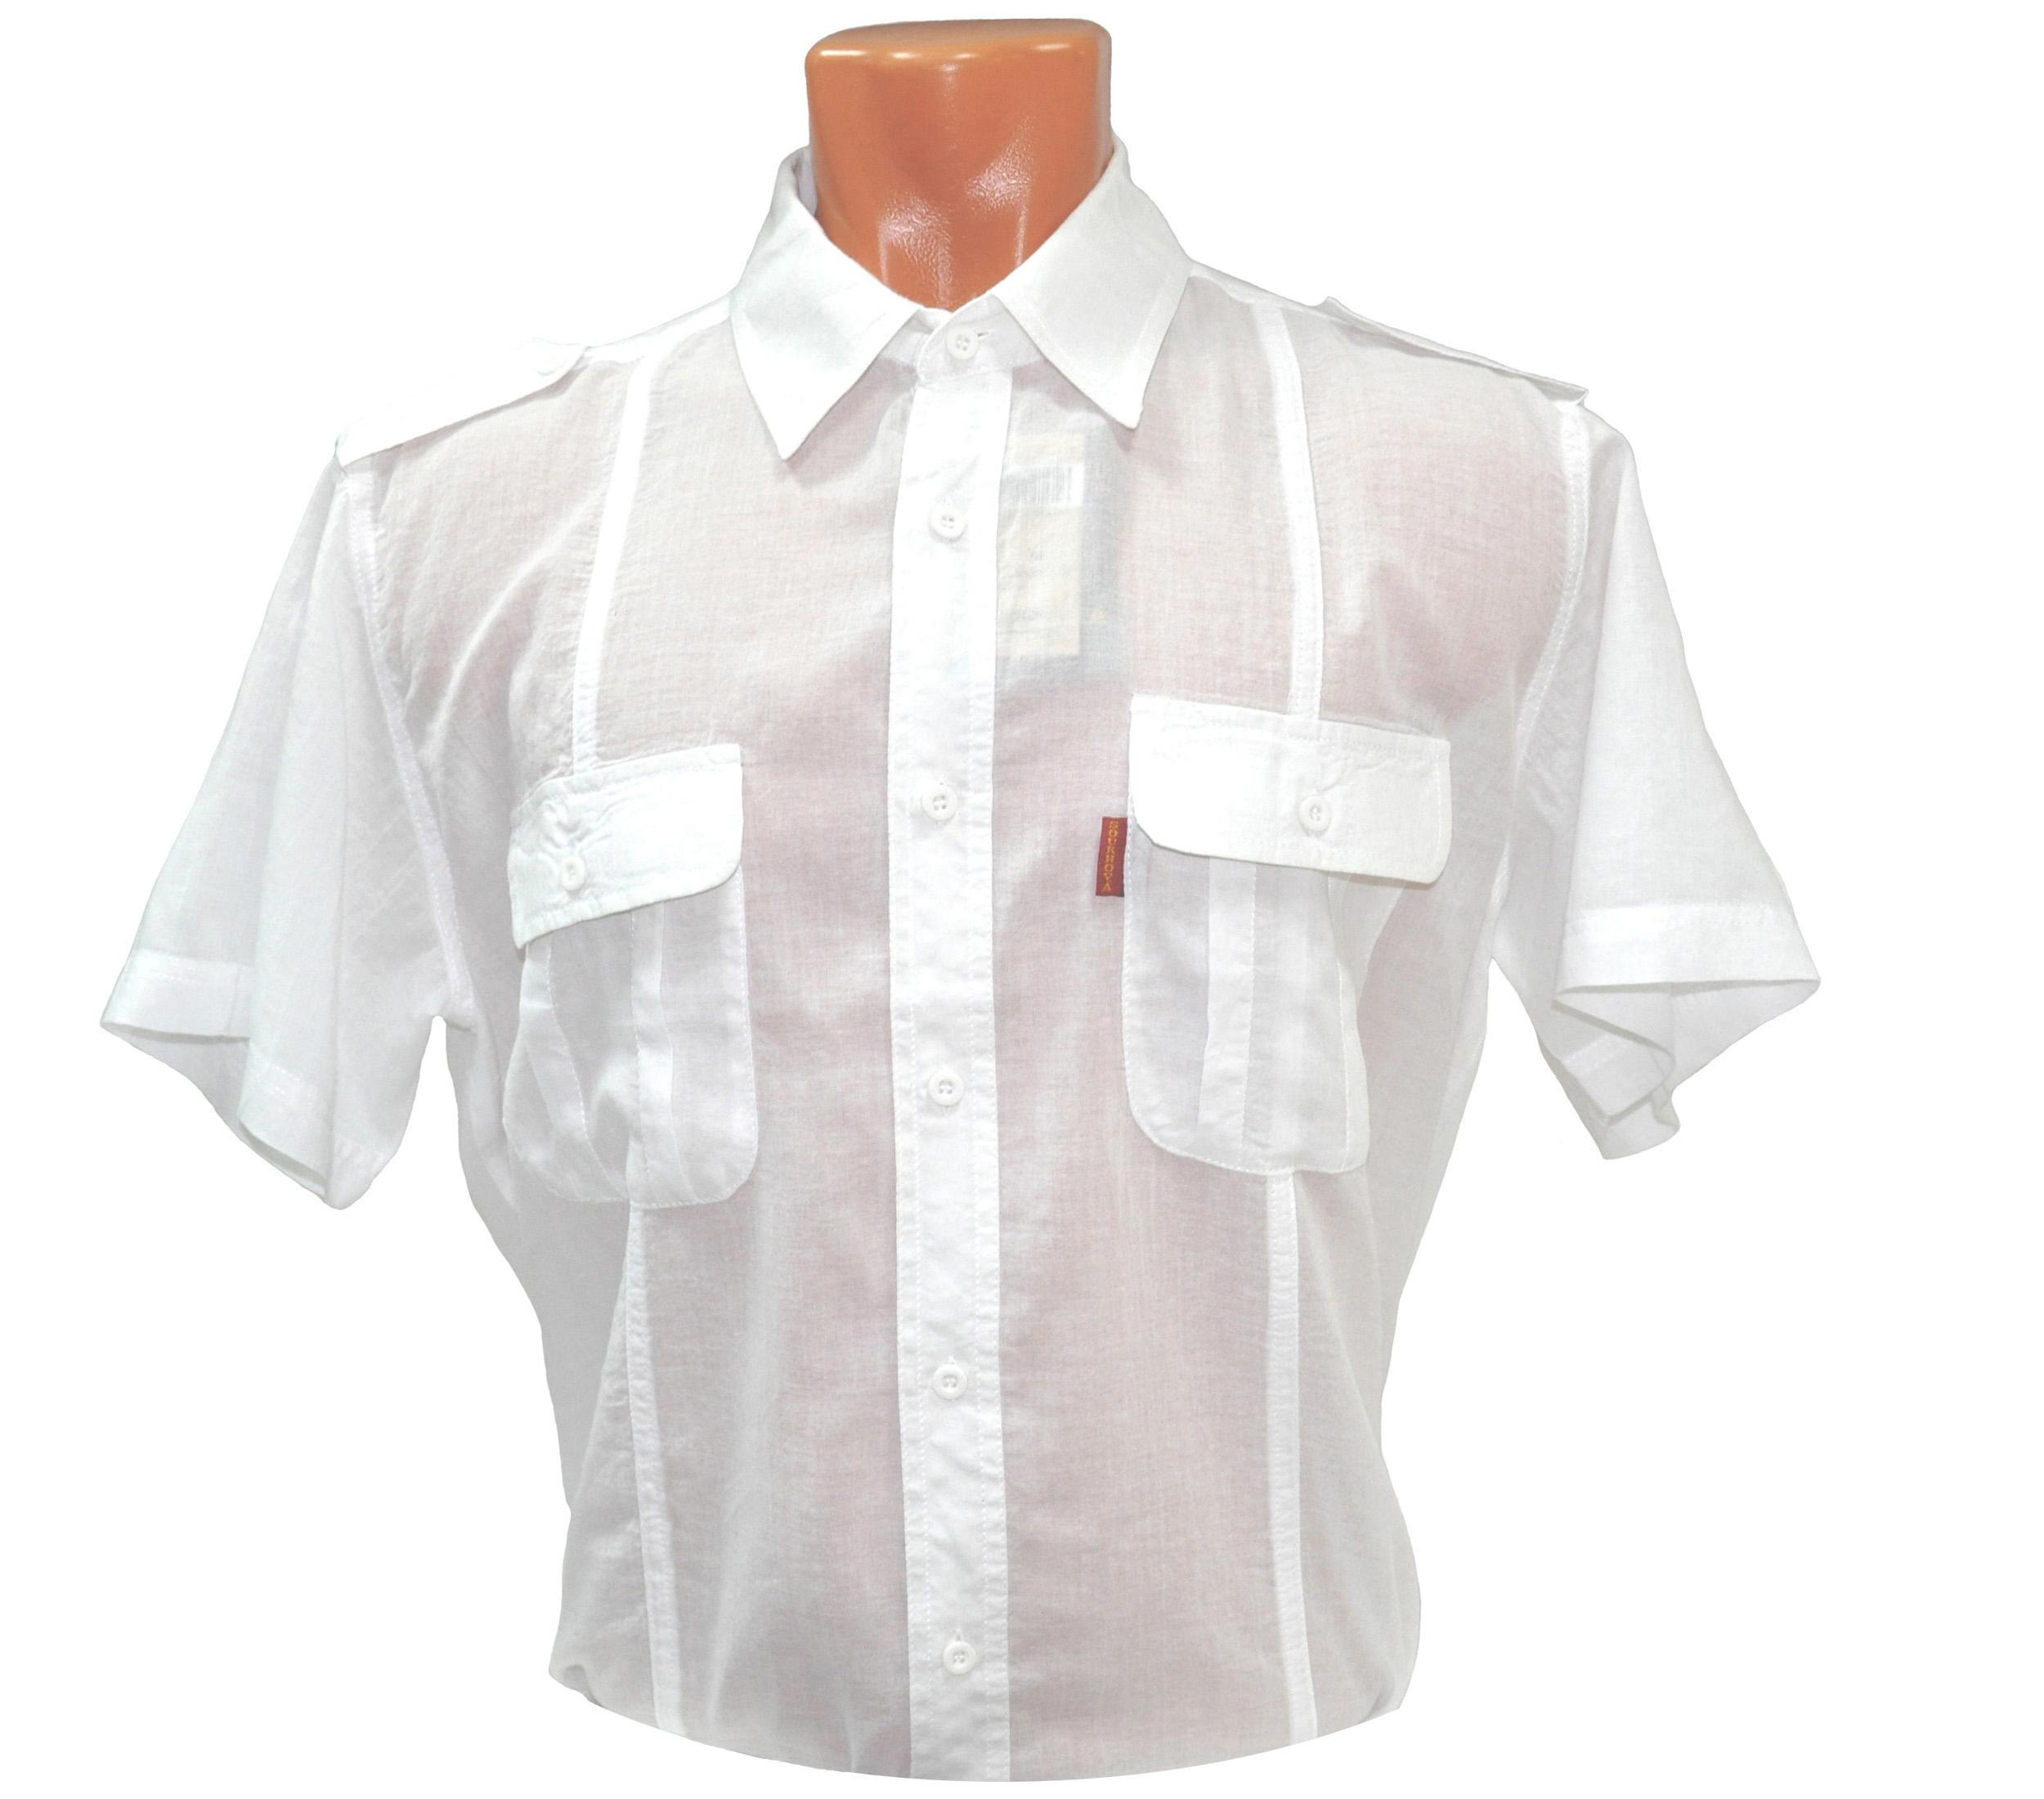 Рубашка с коротким рукавом белого цвета из тонкого материала. Модель